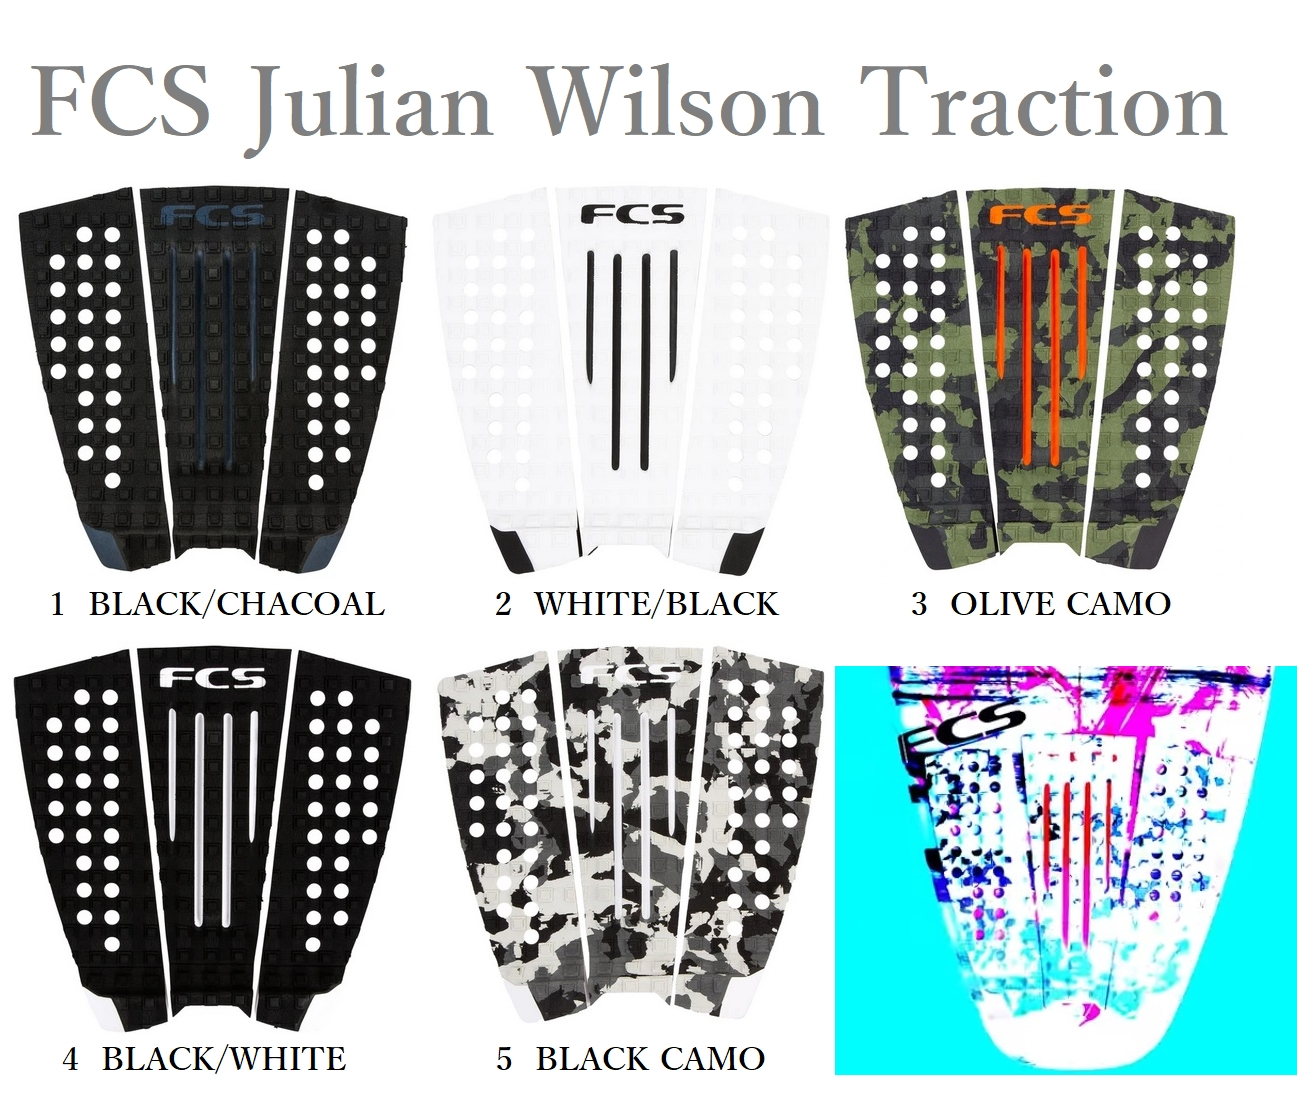 送料無料 2021年モデル FCS JULIAN WILSON アウトレットセール 特集 TRACTION ジュリアン 付与 エフシーエス トラクション ウィルソン デッキパッド サーフィン